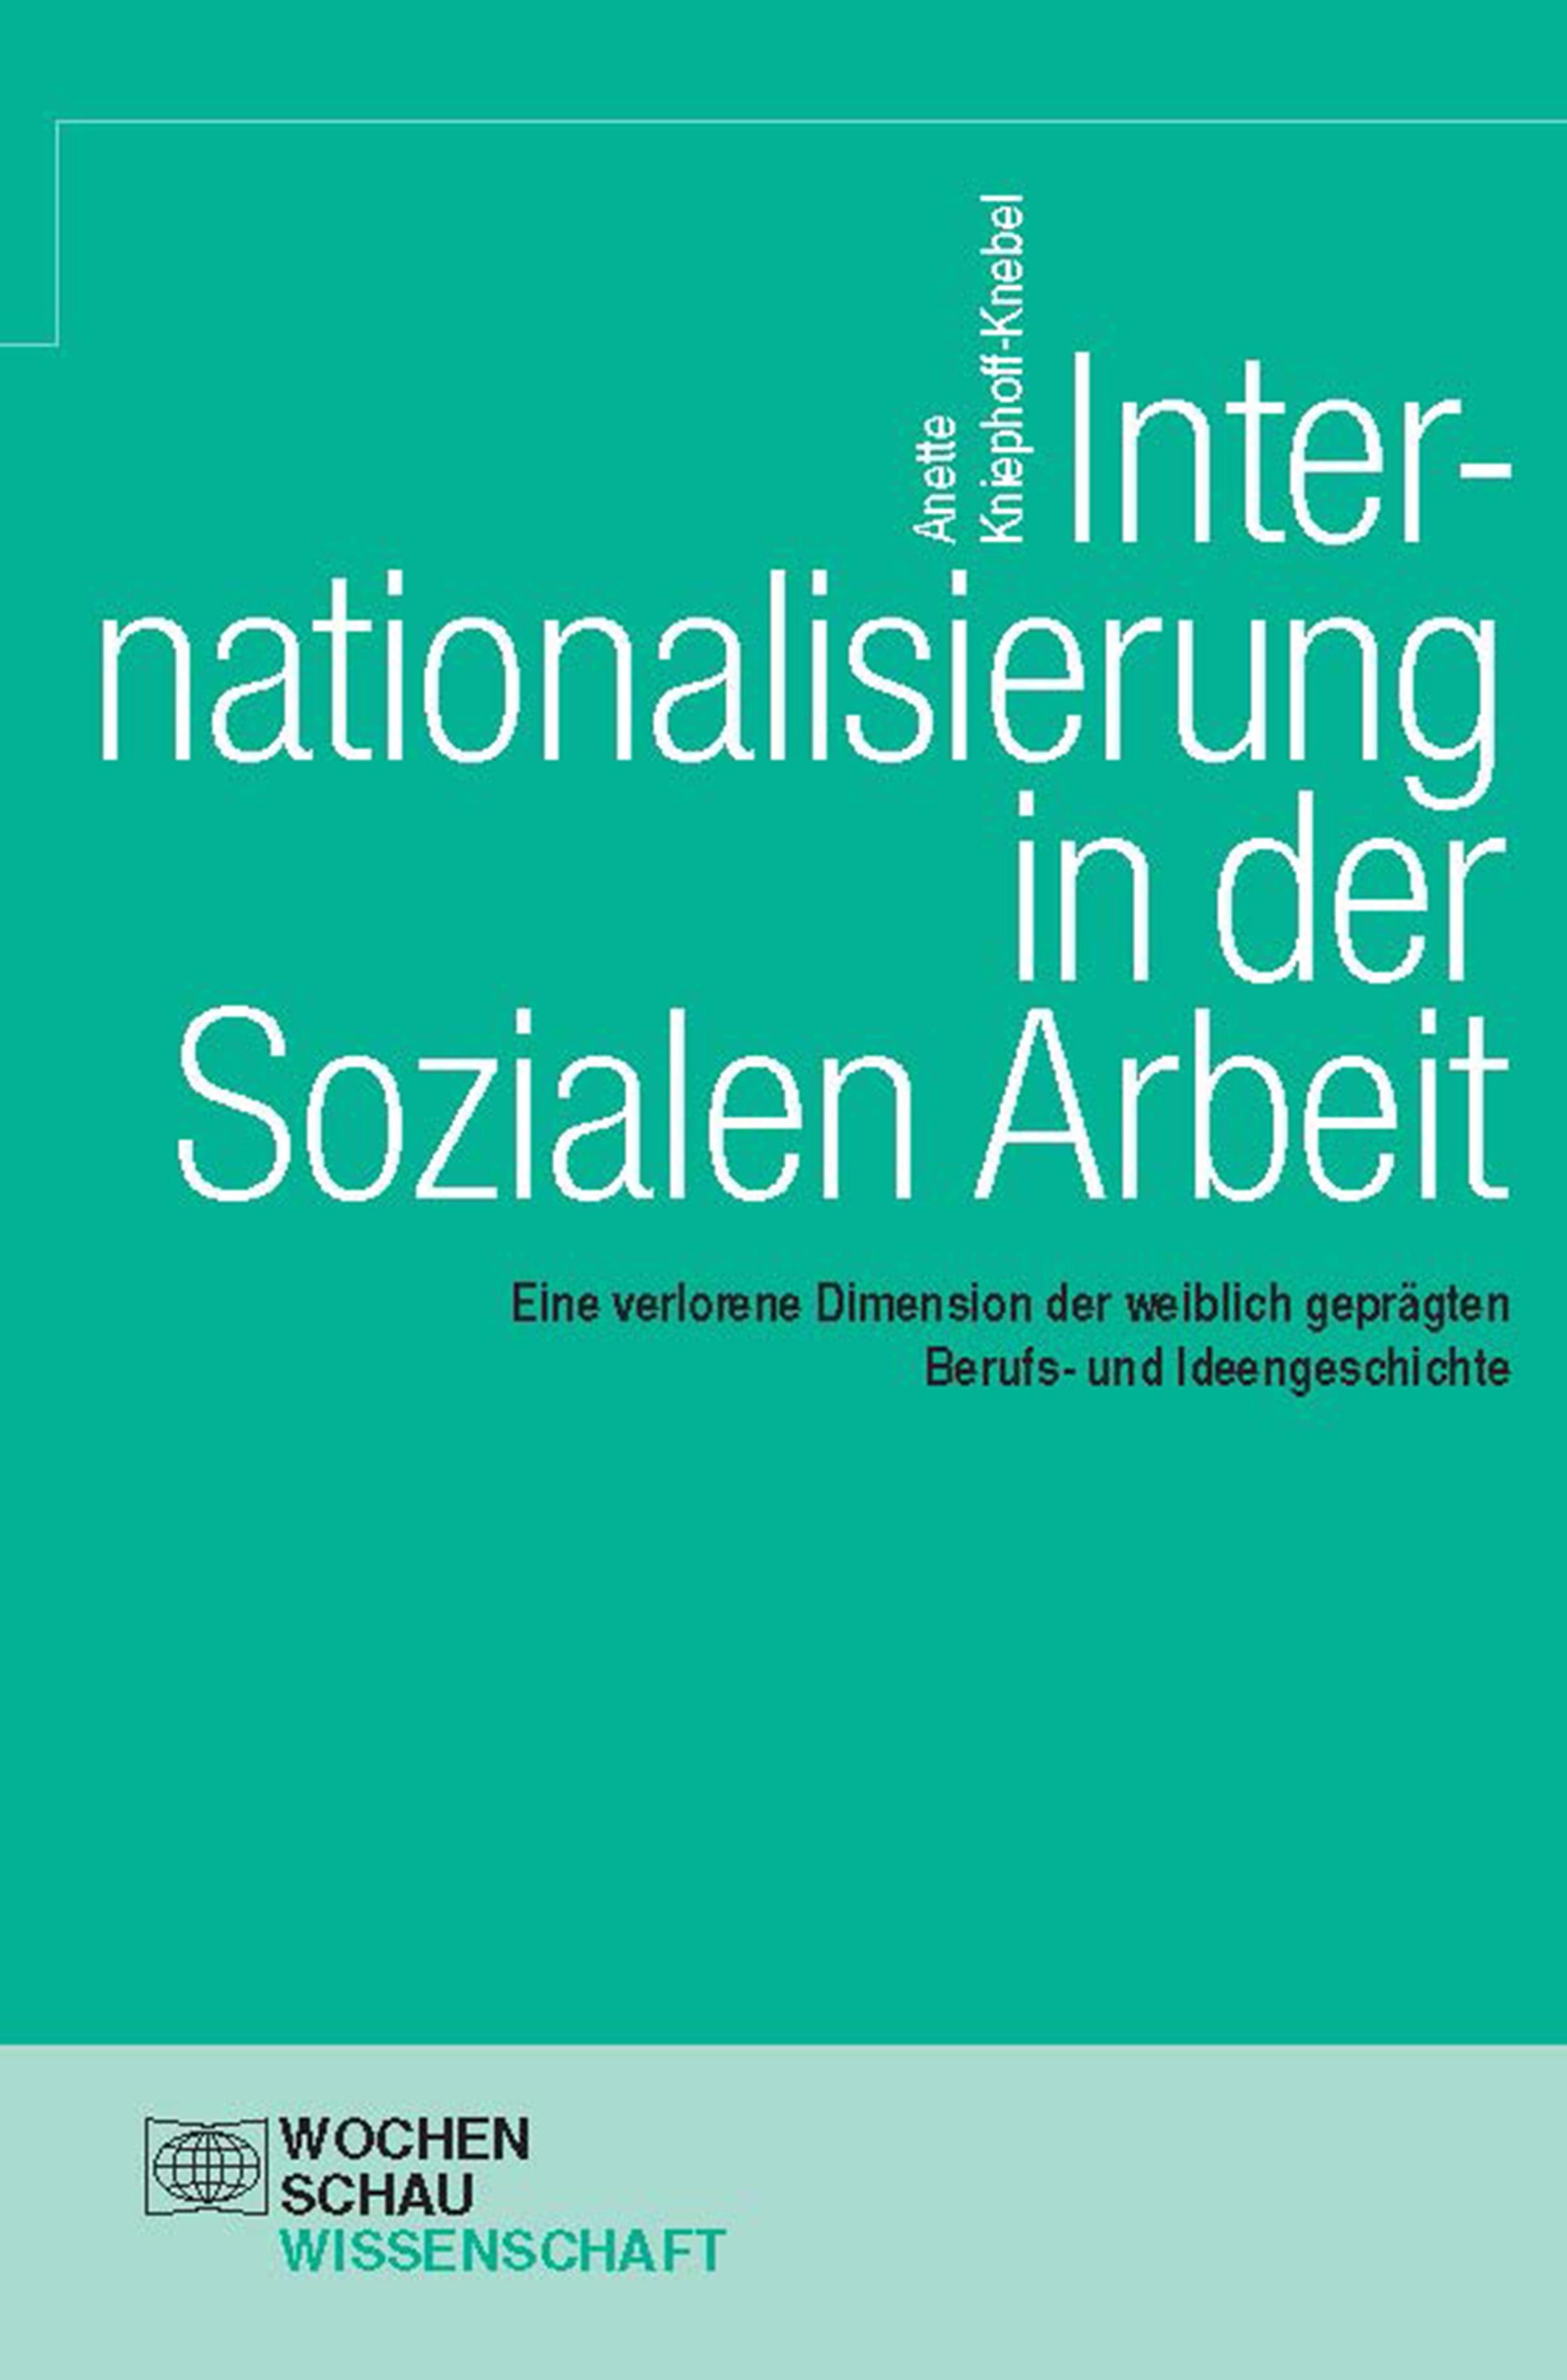 Internationalisierung in der Sozialen Arbeit